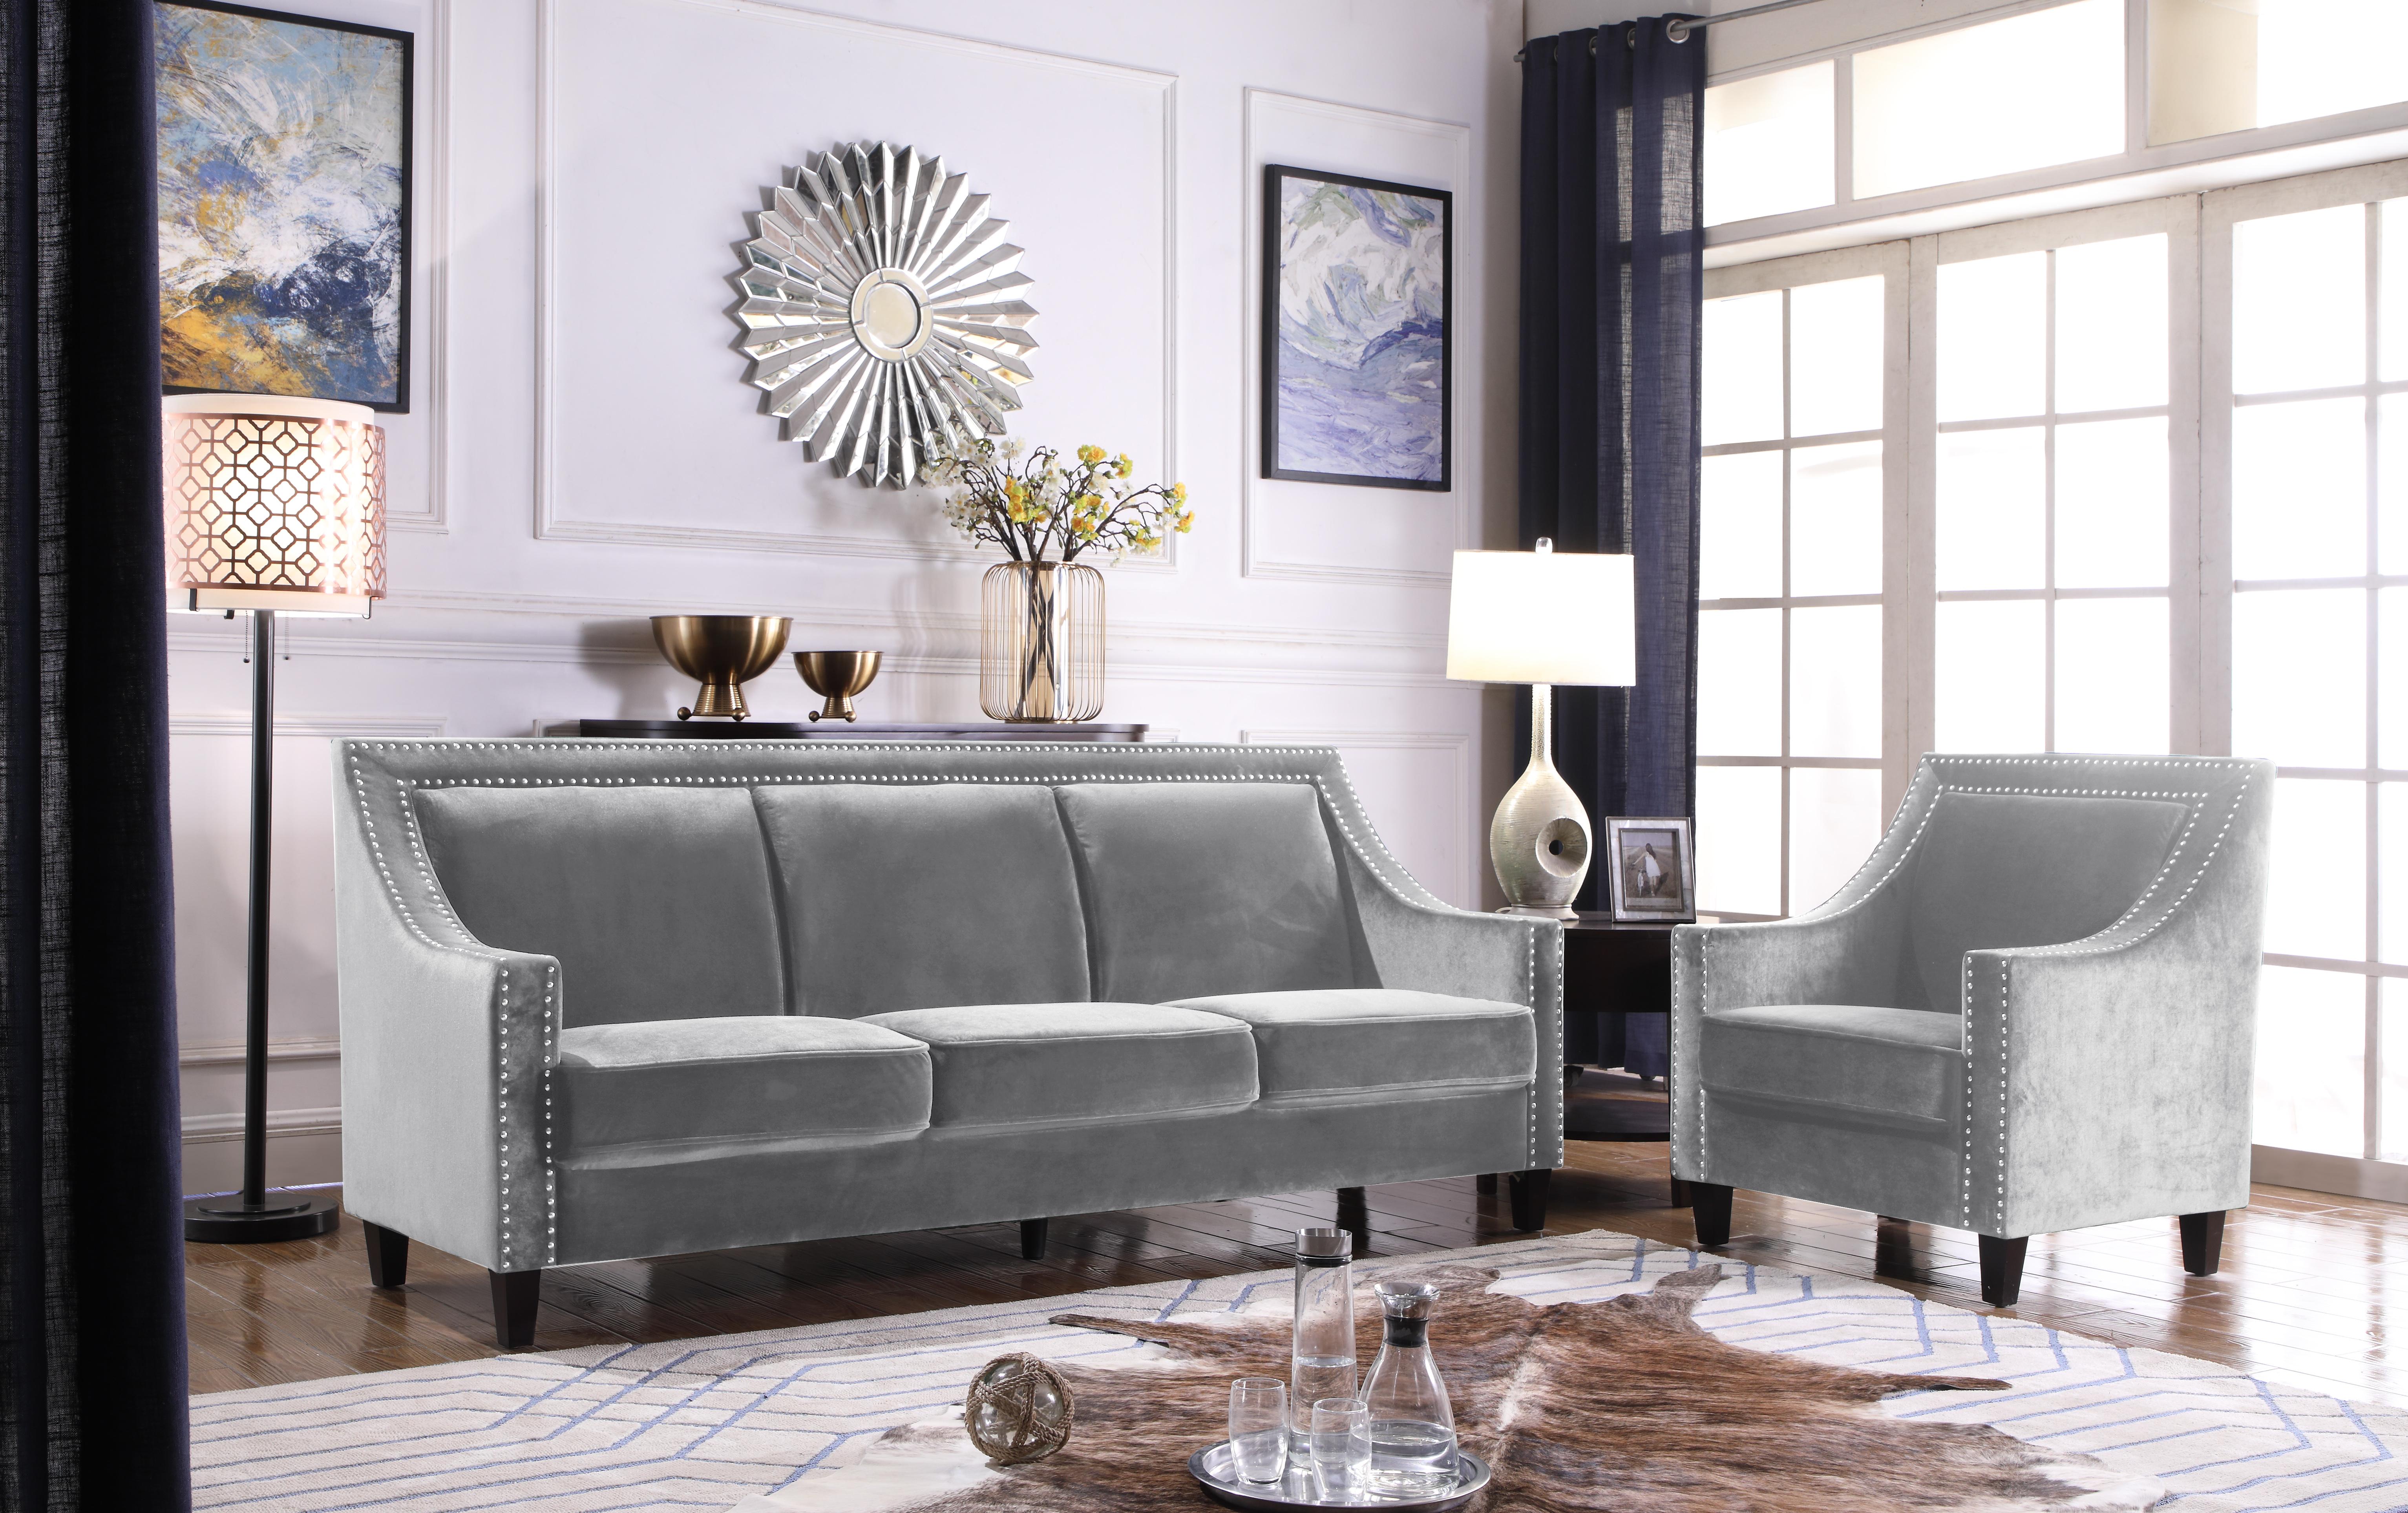 Sofa Velvet Upholstered Swoop Arm Silver Nailhead Trim